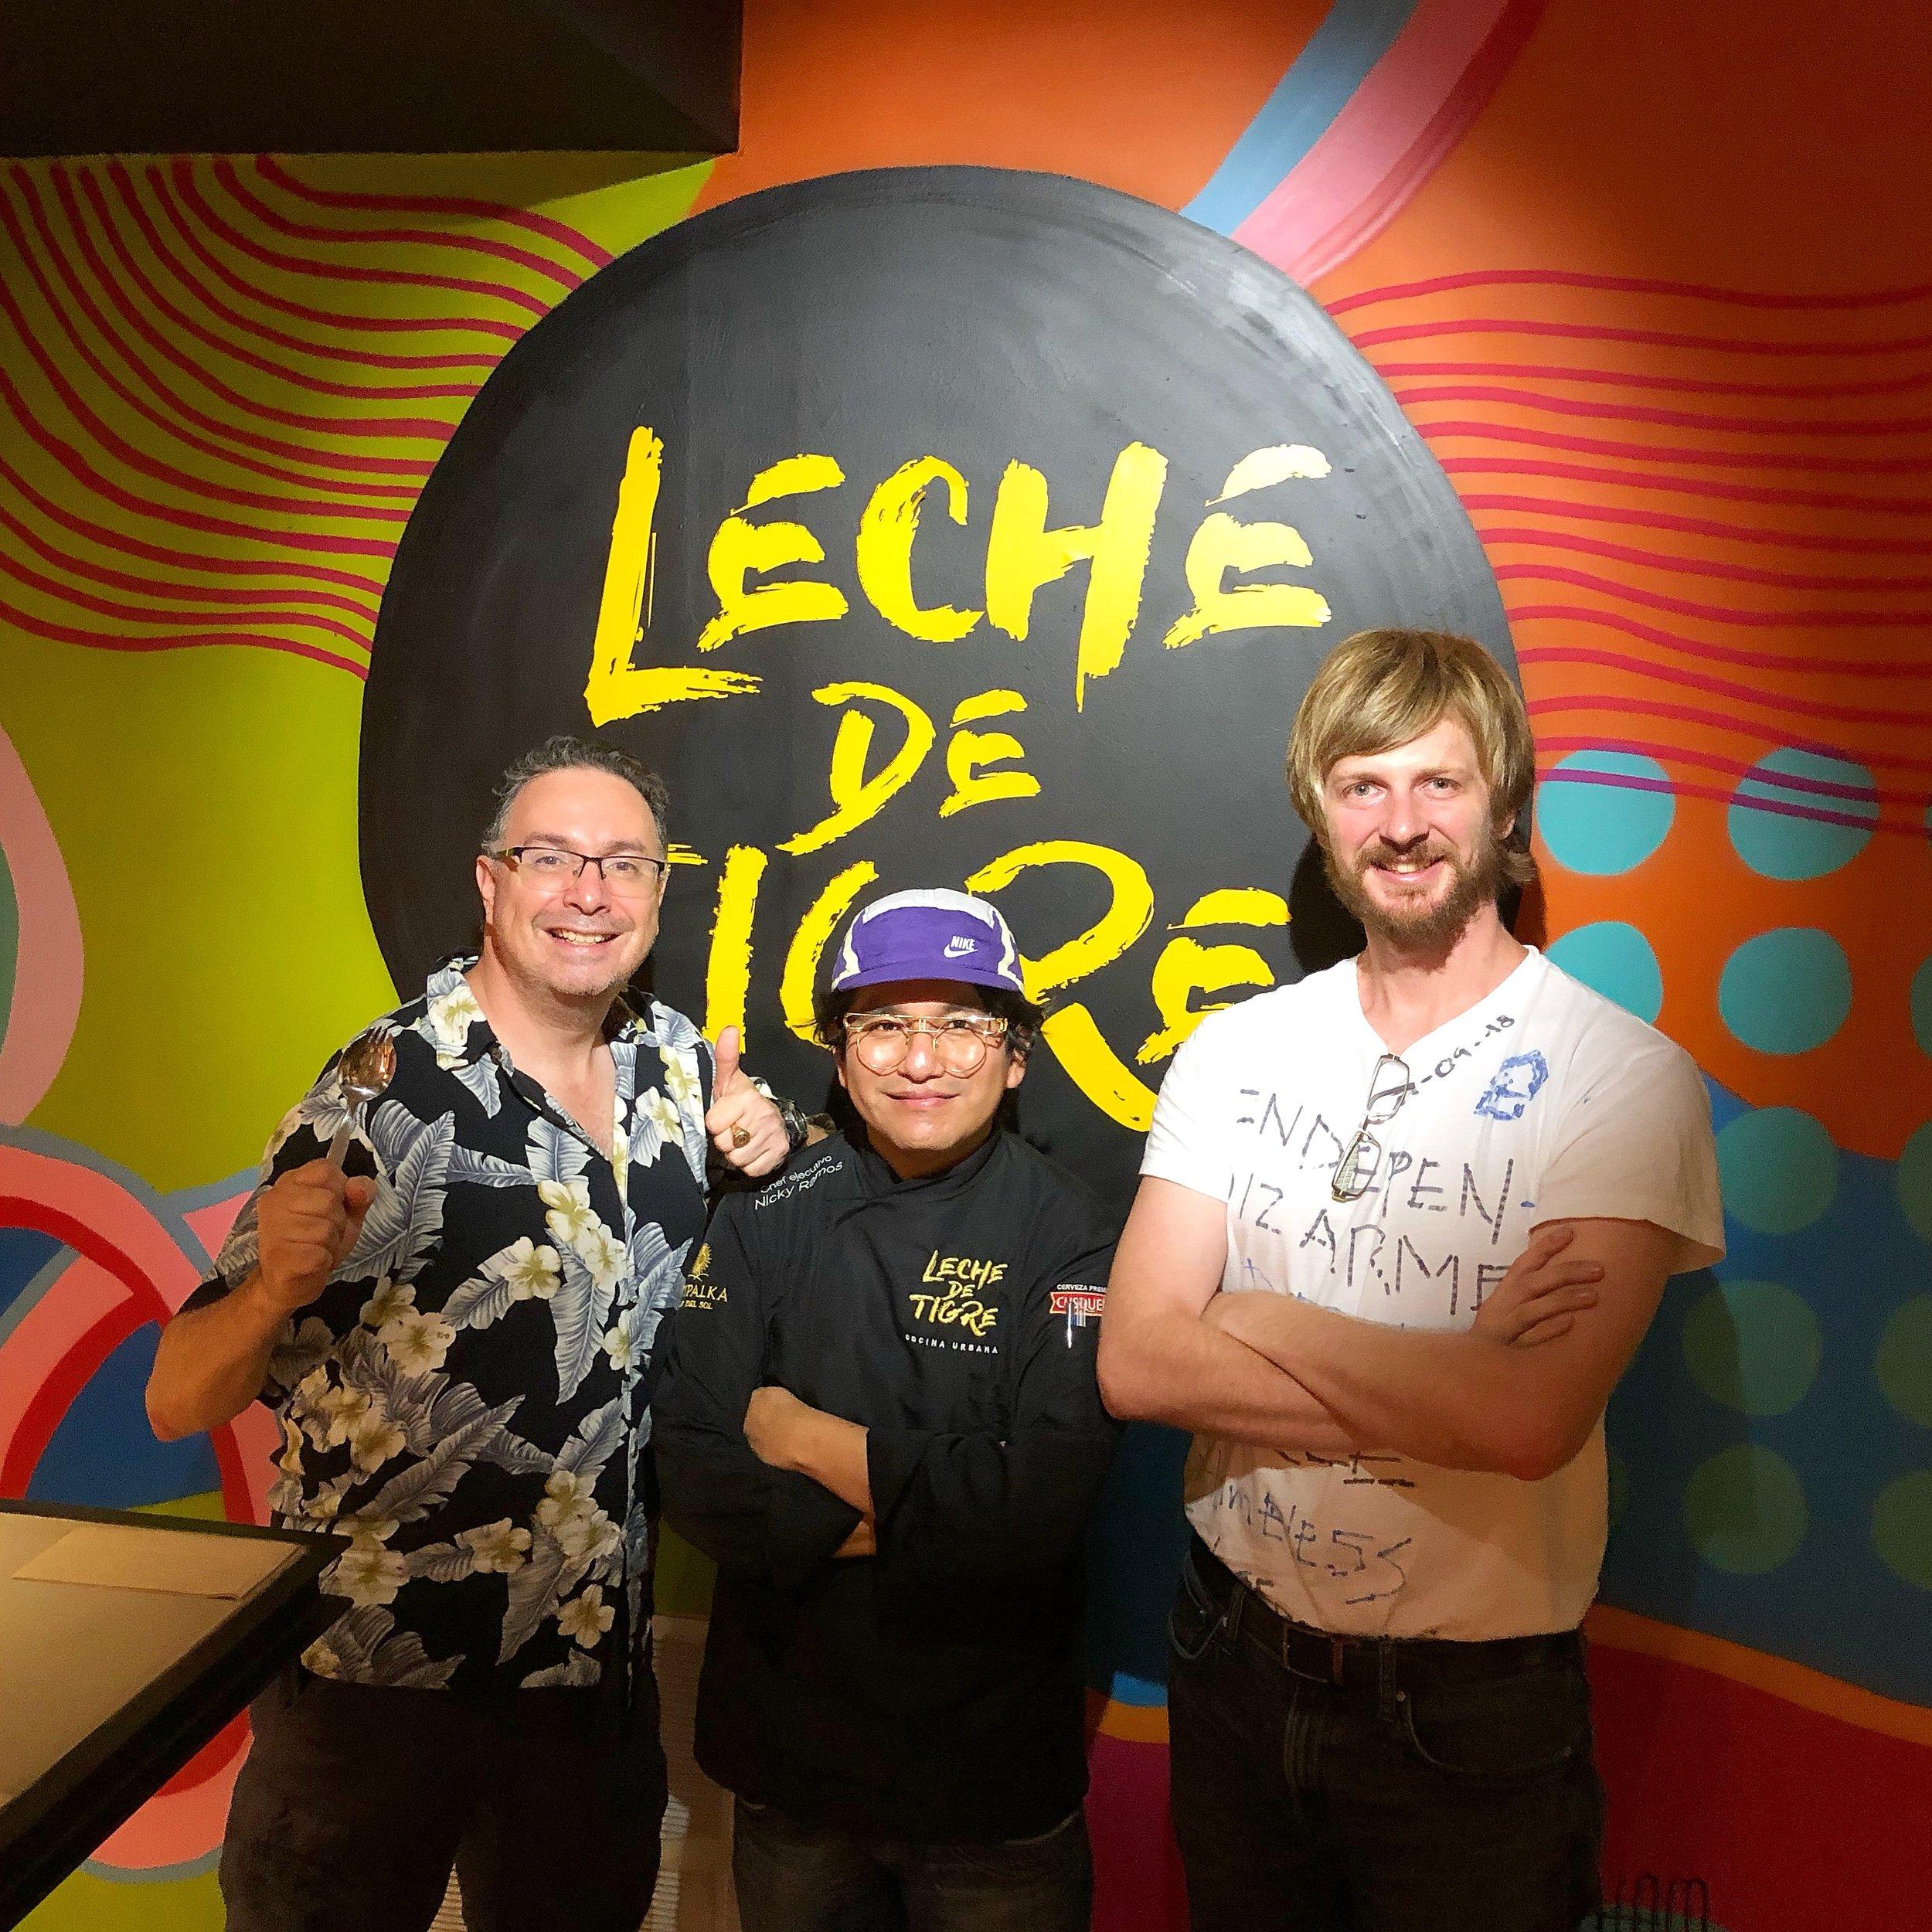 Victor Horcasitas, director de la revista Barcelona Metropolitan, Nicky Ramos, chef de Leche de Tigre, y Andrew Funk, el presidente de #HomelessEntrepreneur.